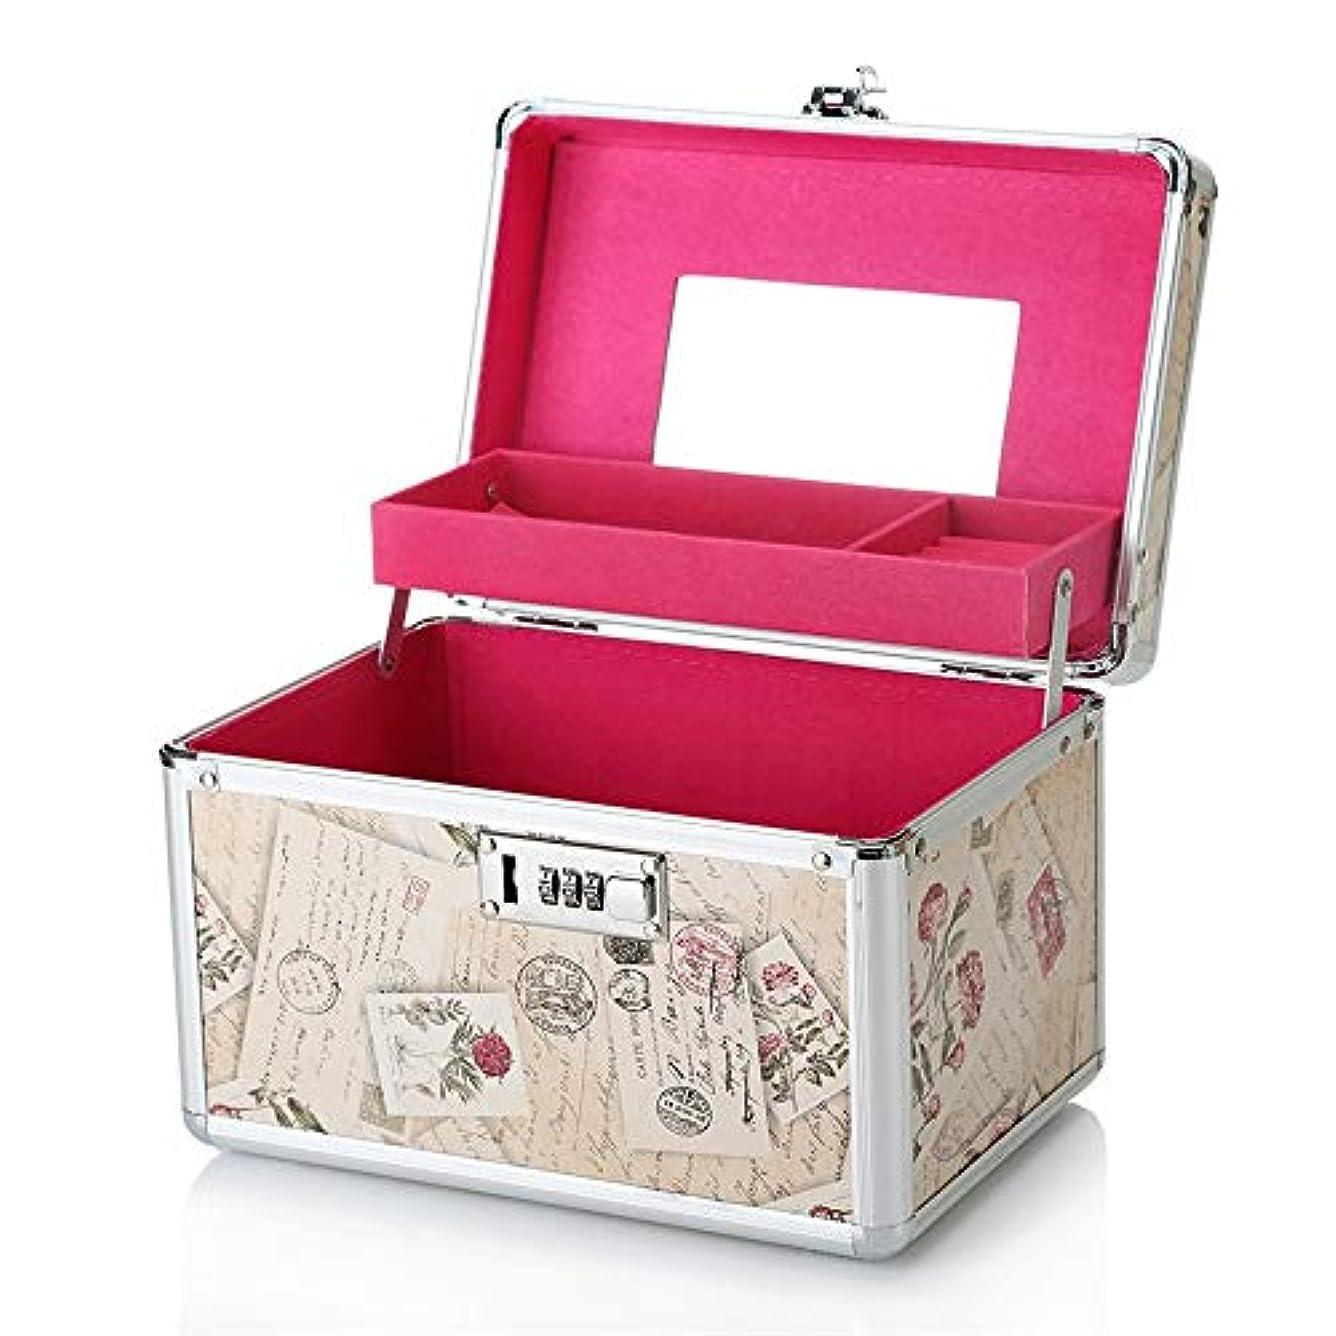 慢な落ち着かない後方特大スペース収納ビューティーボックス 美の構造のためそしてジッパーおよび折る皿が付いている女の子の女性旅行そして毎日の貯蔵のための高容量の携帯用化粧品袋 化粧品化粧台